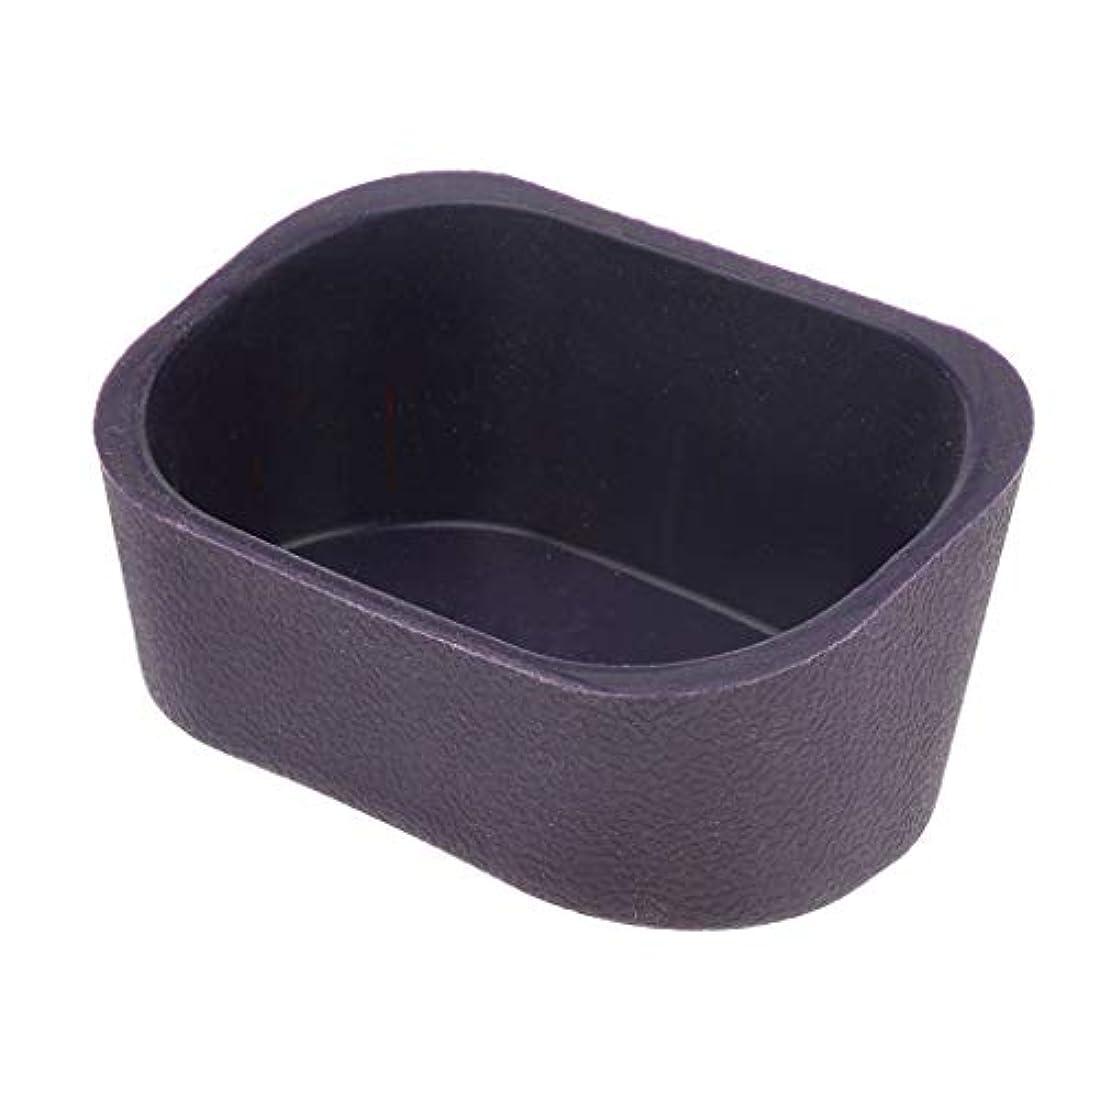 強大なモニター口径dailymall シャンプーボウルネックレスクッションピローサロンヘアアクセサリー - 紫